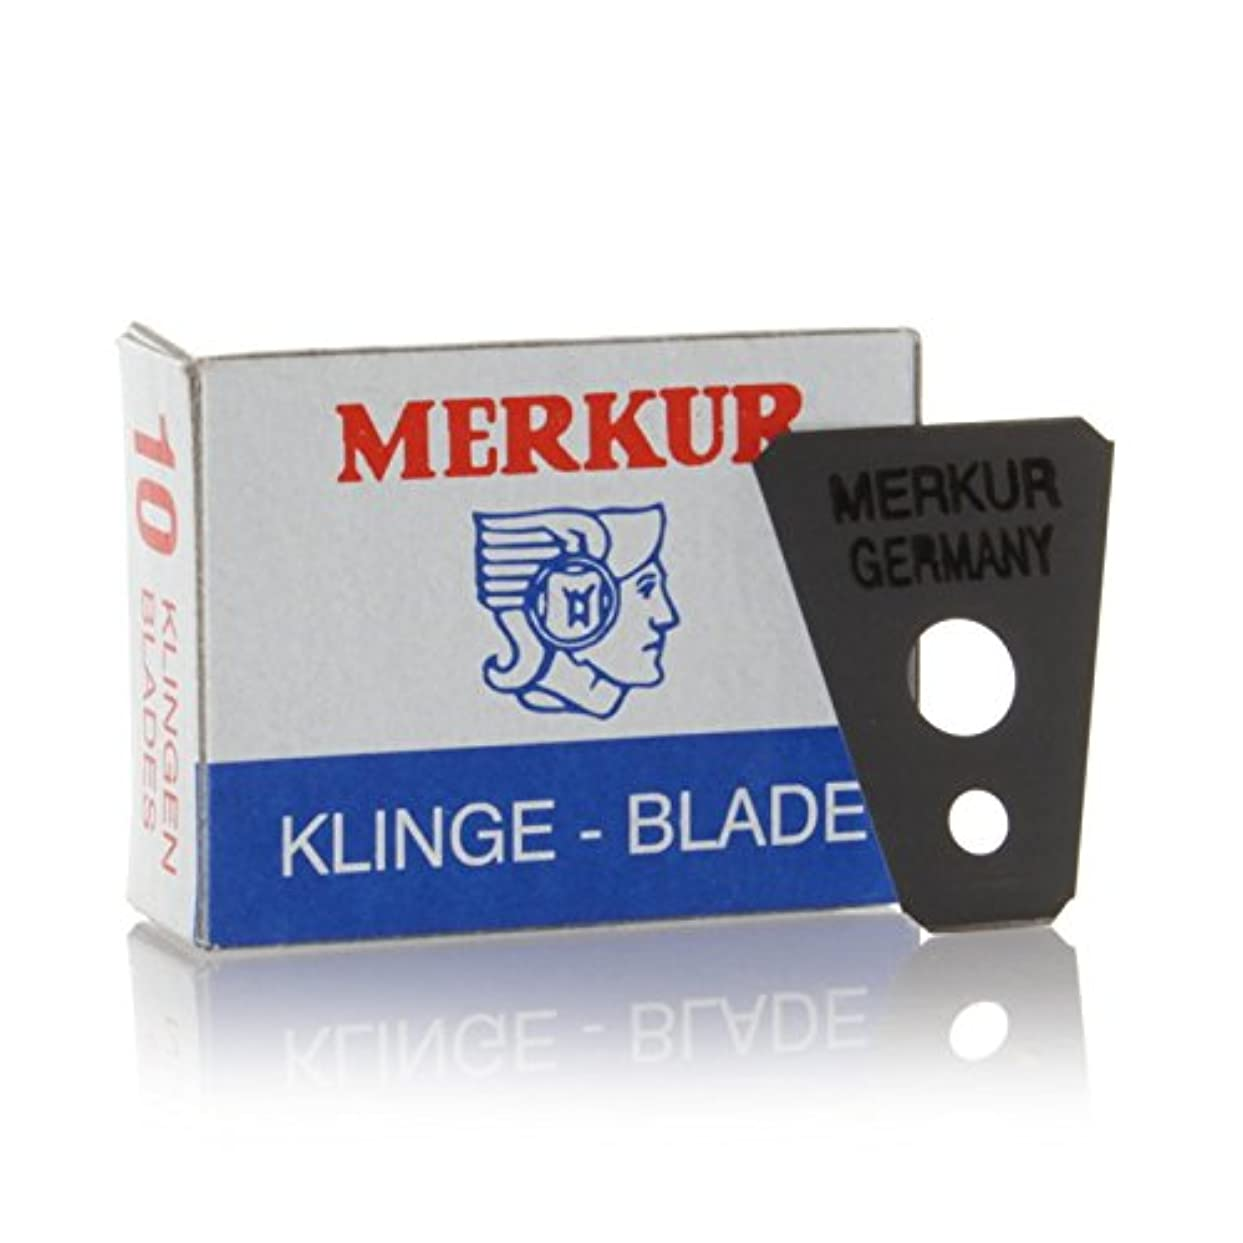 温室カップ選挙MERKUR Solingen - Razor blades for moustache shaver, 10 pieces, 90908100